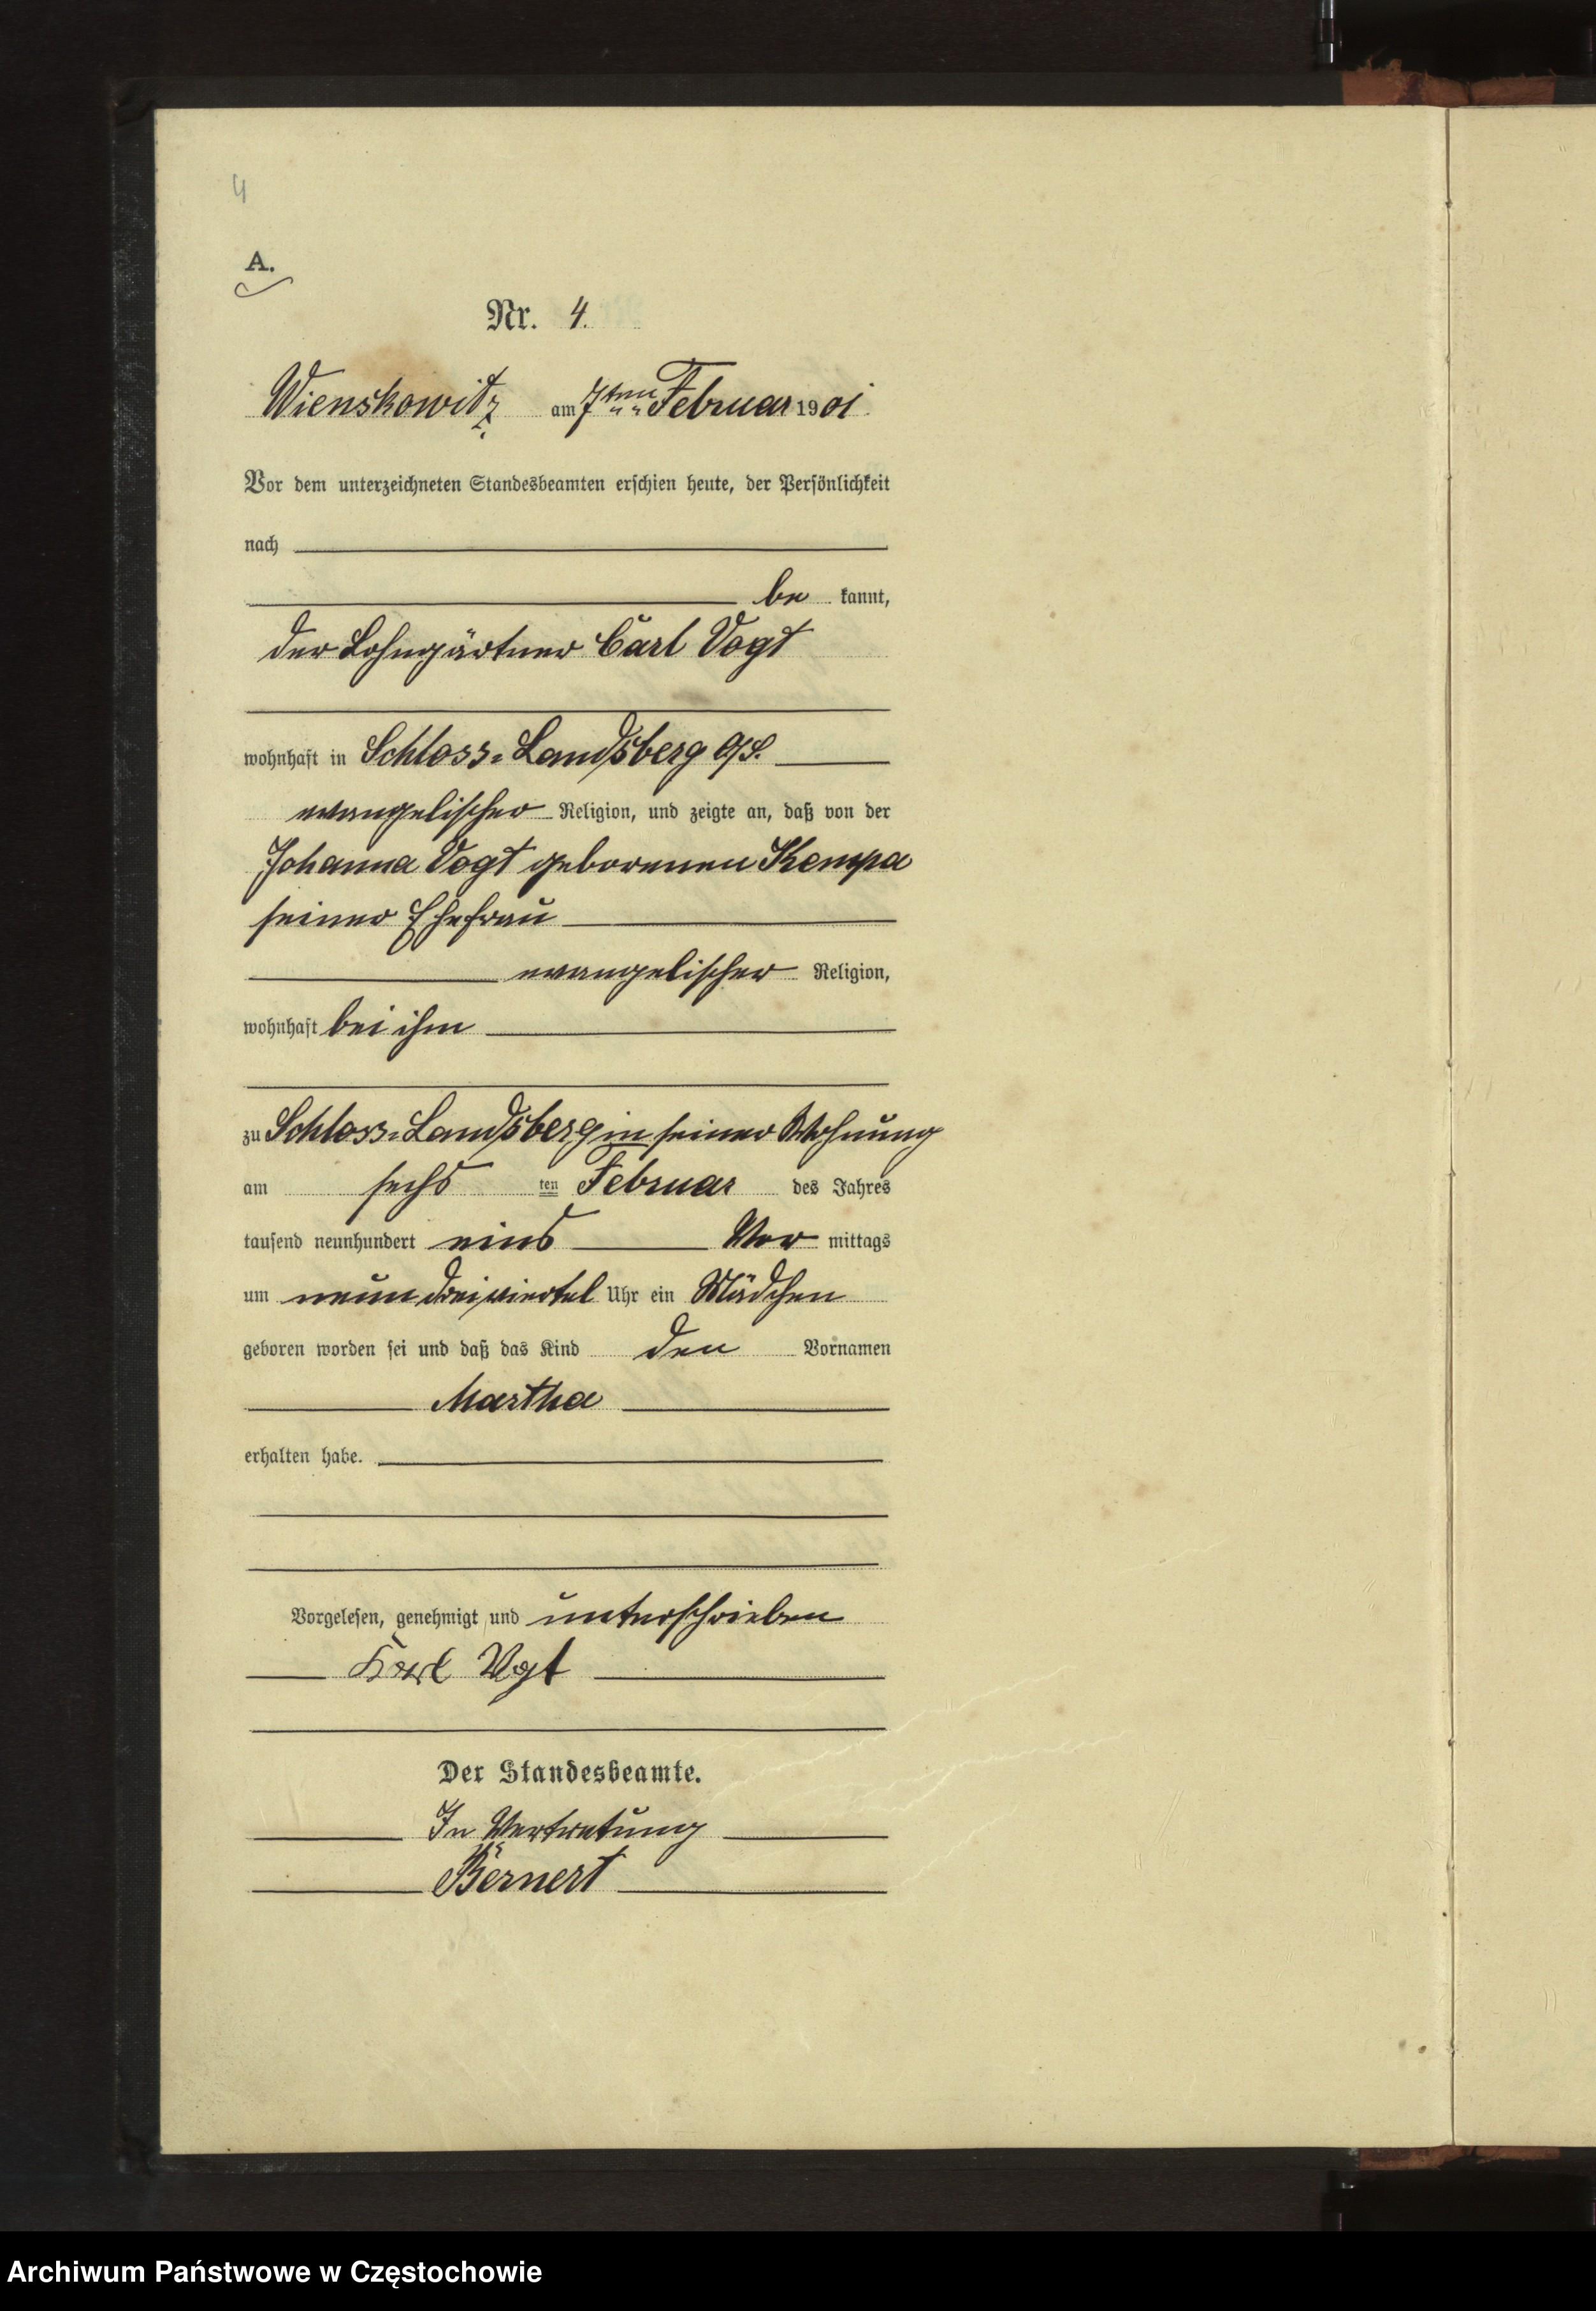 Skan z jednostki: Geburts - Haupt - Register des Koniglich Preussiechen Standesamts Wienskowitz  im Kreise Rosenberg o/ S. pro 1901.